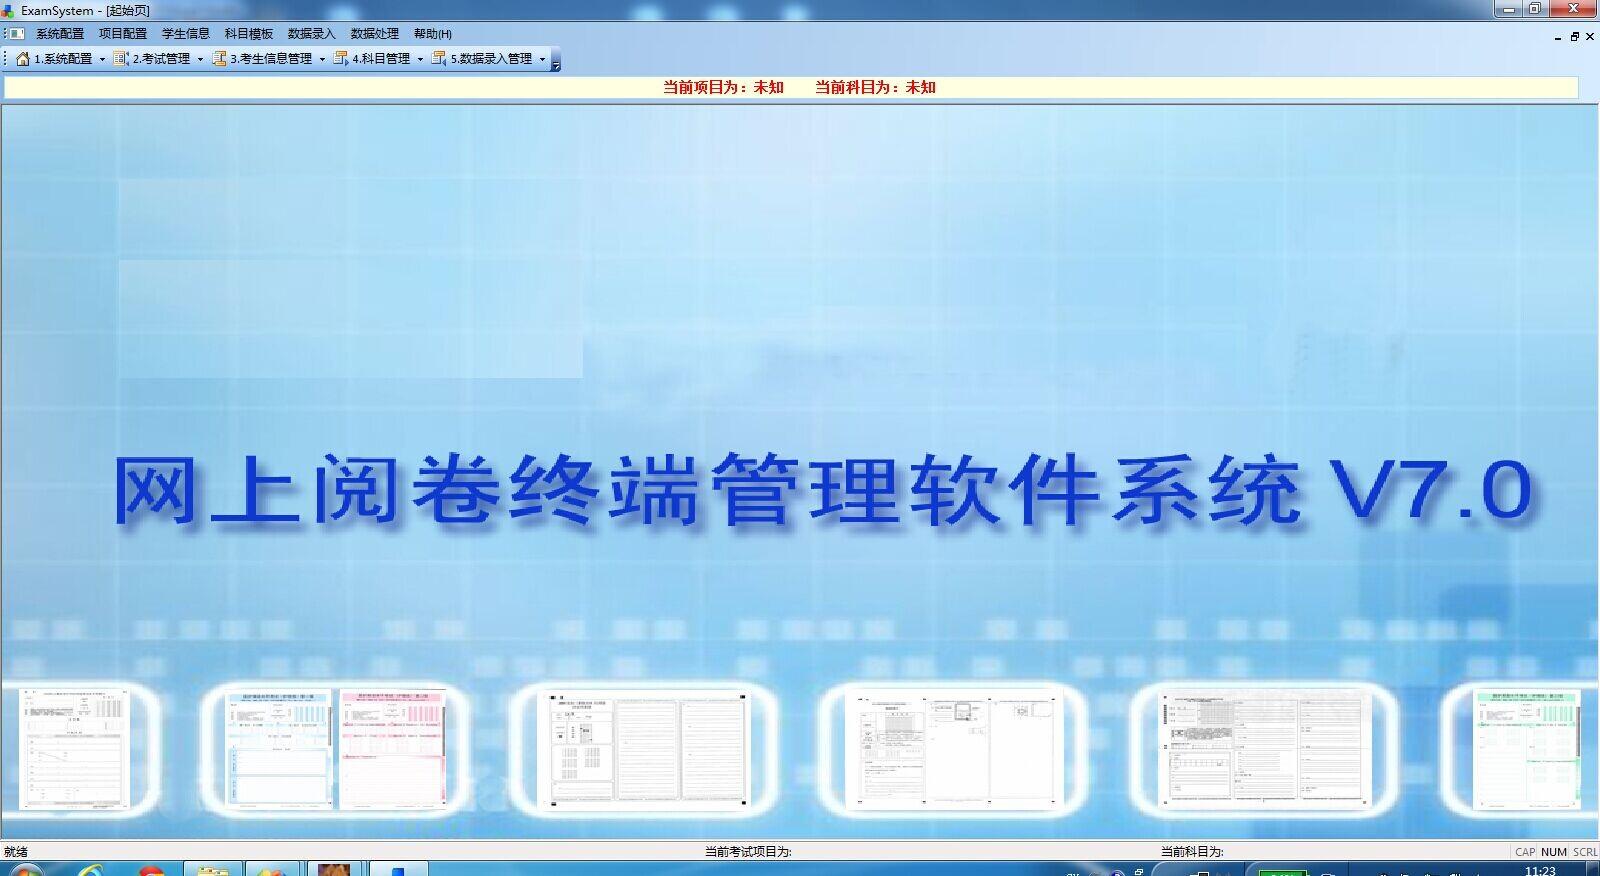 扫描阅卷系统价格—便宜考试网上阅卷系统售价参考